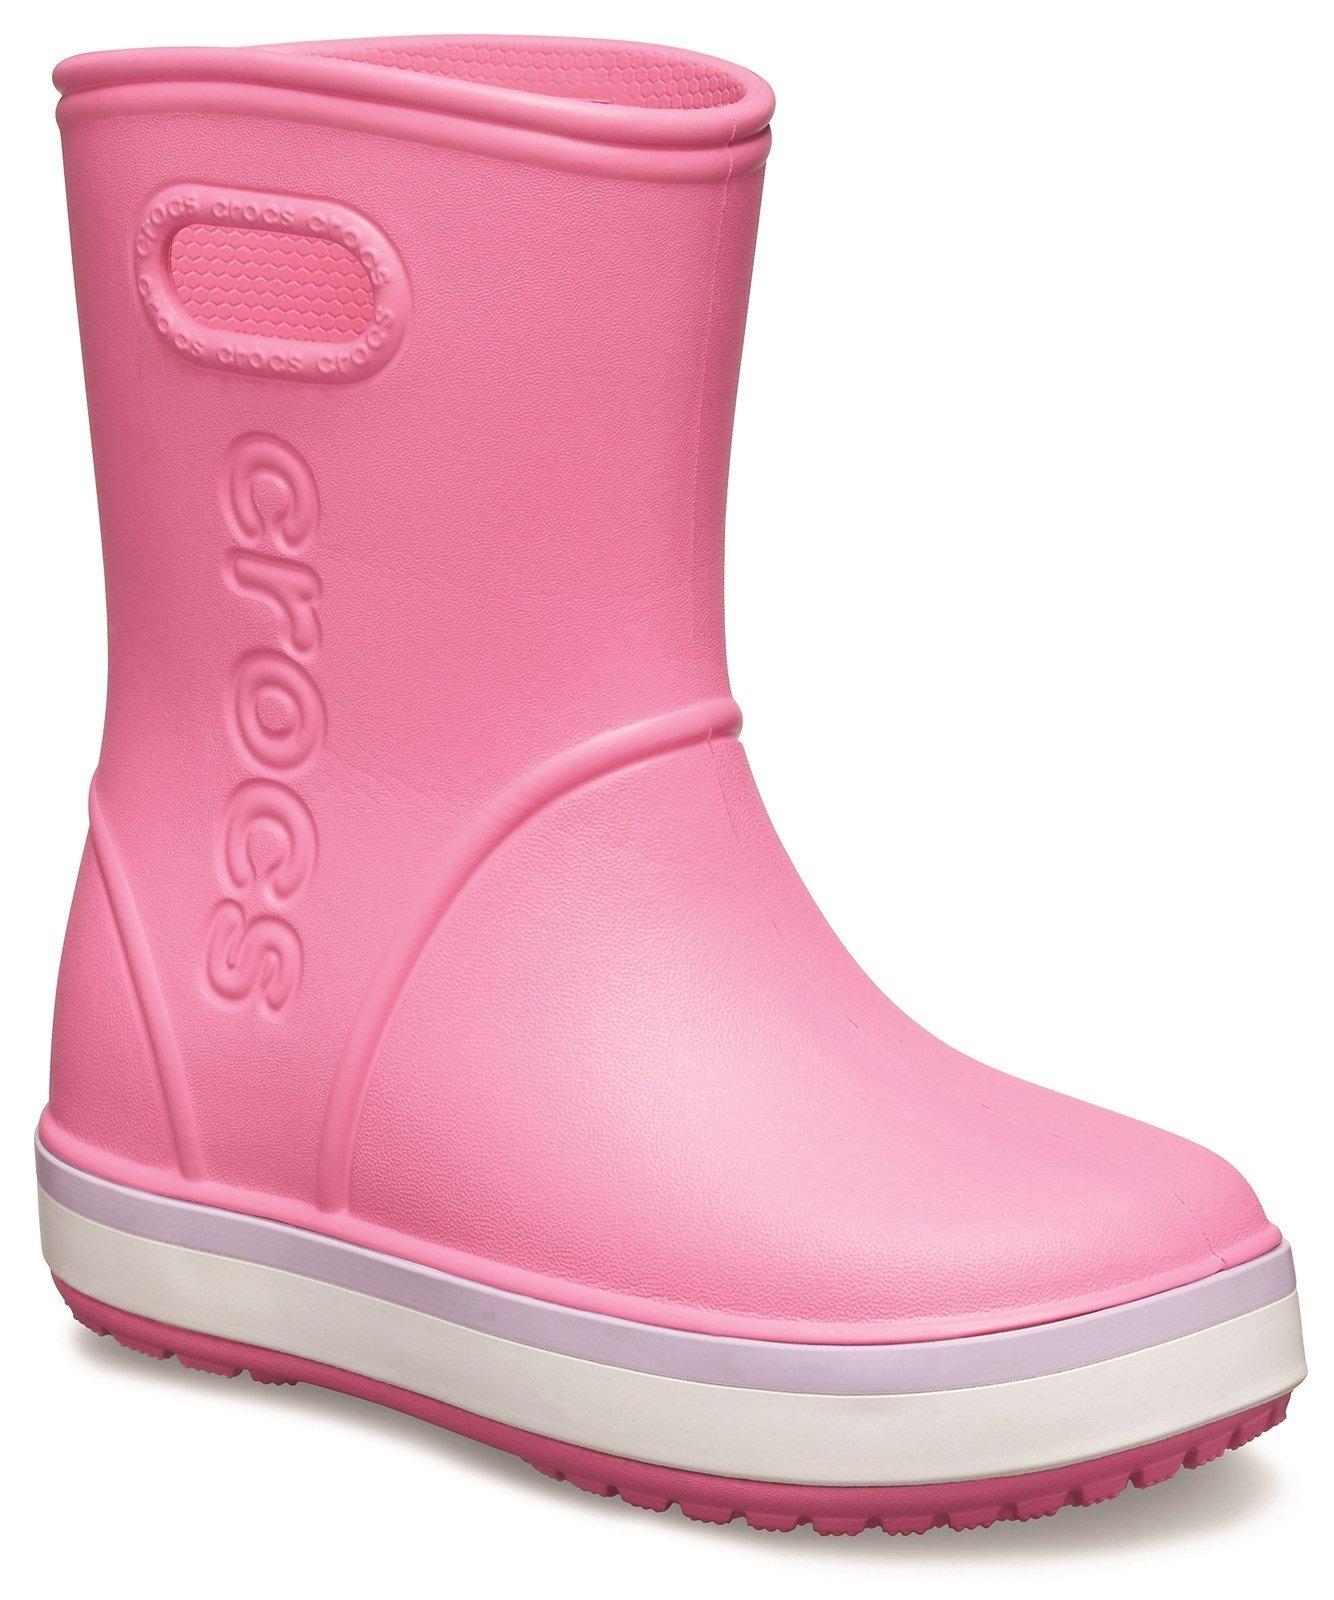 Crocs Kid's Rainboot Pull On Wellington Boot 31461 - Pink 6